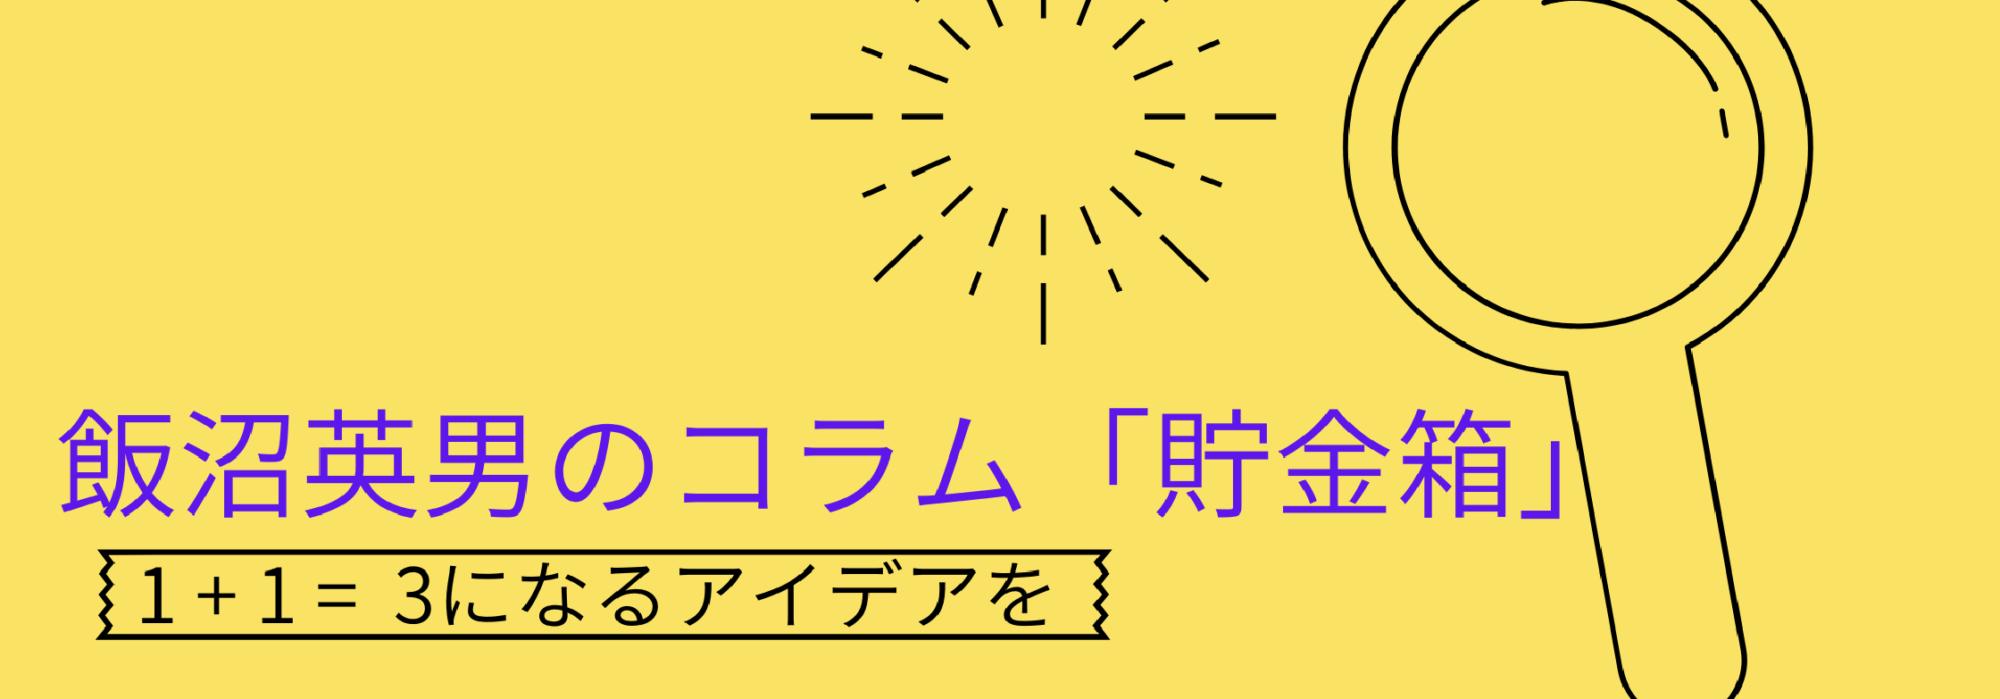 【 貯 金 箱 】 produced by 飯沼会計